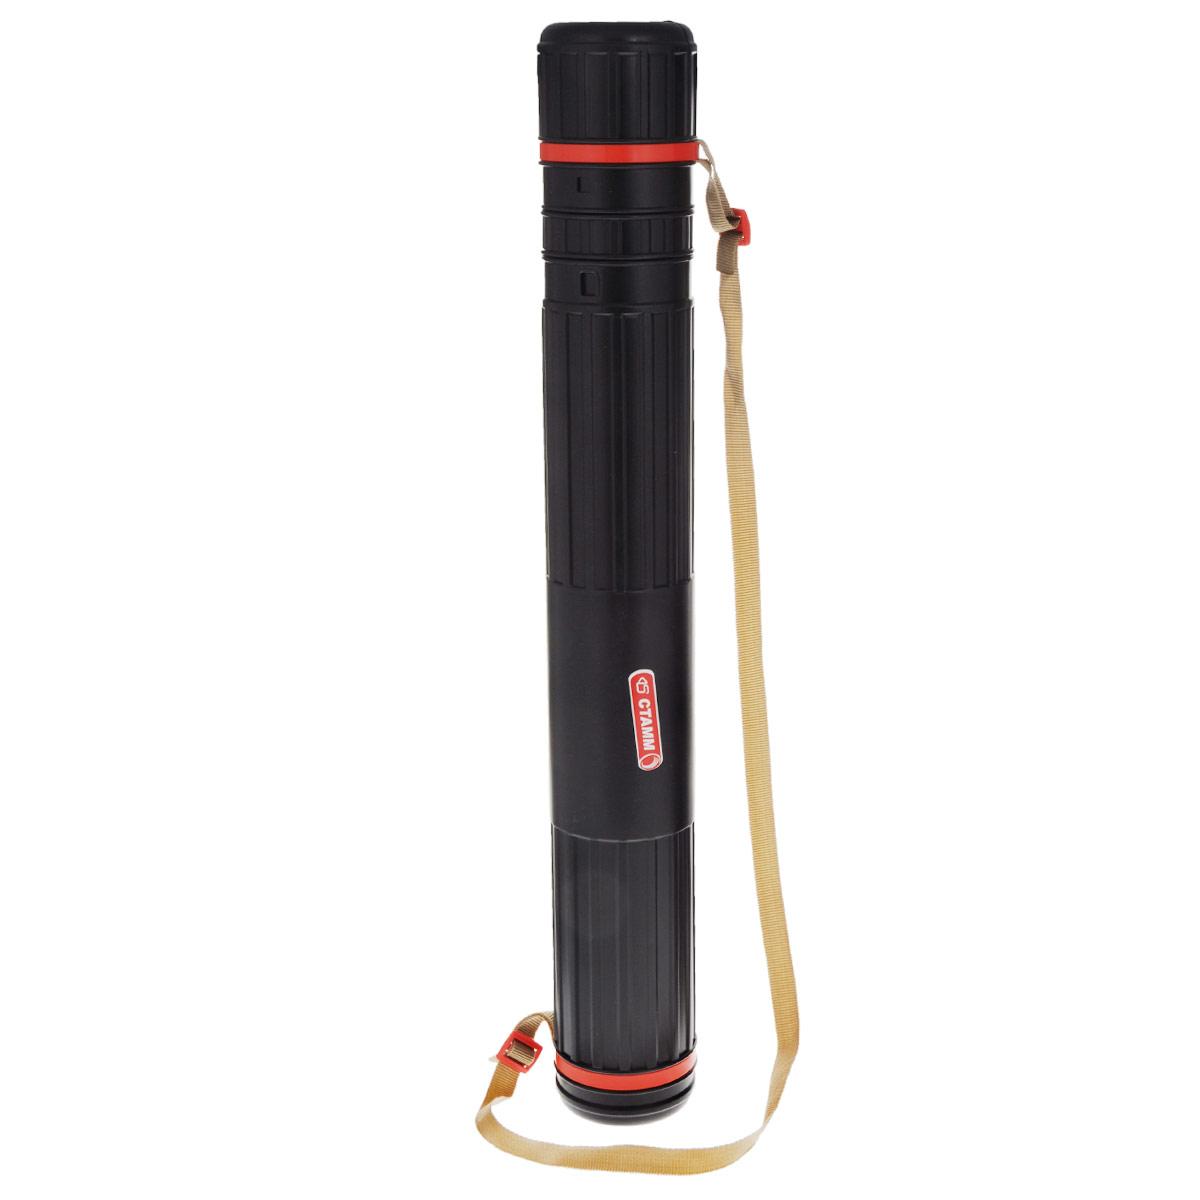 Стамм Тубус телескопический на ремне цвет черный красный 8,5 cмПТ11Телескопический (раздвижной) тубус Стамм, выполненный в современном эргономичном дизайне, идеально подойдет для хранения и транспортировки чертежей и рисунков. Вместительность тубуса составляет до 12 листов формата А4-А1. Длина тубуса регулируется с помощью специальных замочков на корпусе. Тубус оснащен прочным ремнем и боковой крышкой, обеспечивающей быстрый доступ к чертежам и рисункам. Эргономичный телескопический тубус будет незаменим для студентов и офисных работников. Характеристики: Материал: пластик, текстиль. Диаметр тубуса: 8,5 см. Минимальная длина: 63 см. Максимальная длина: 110 см.